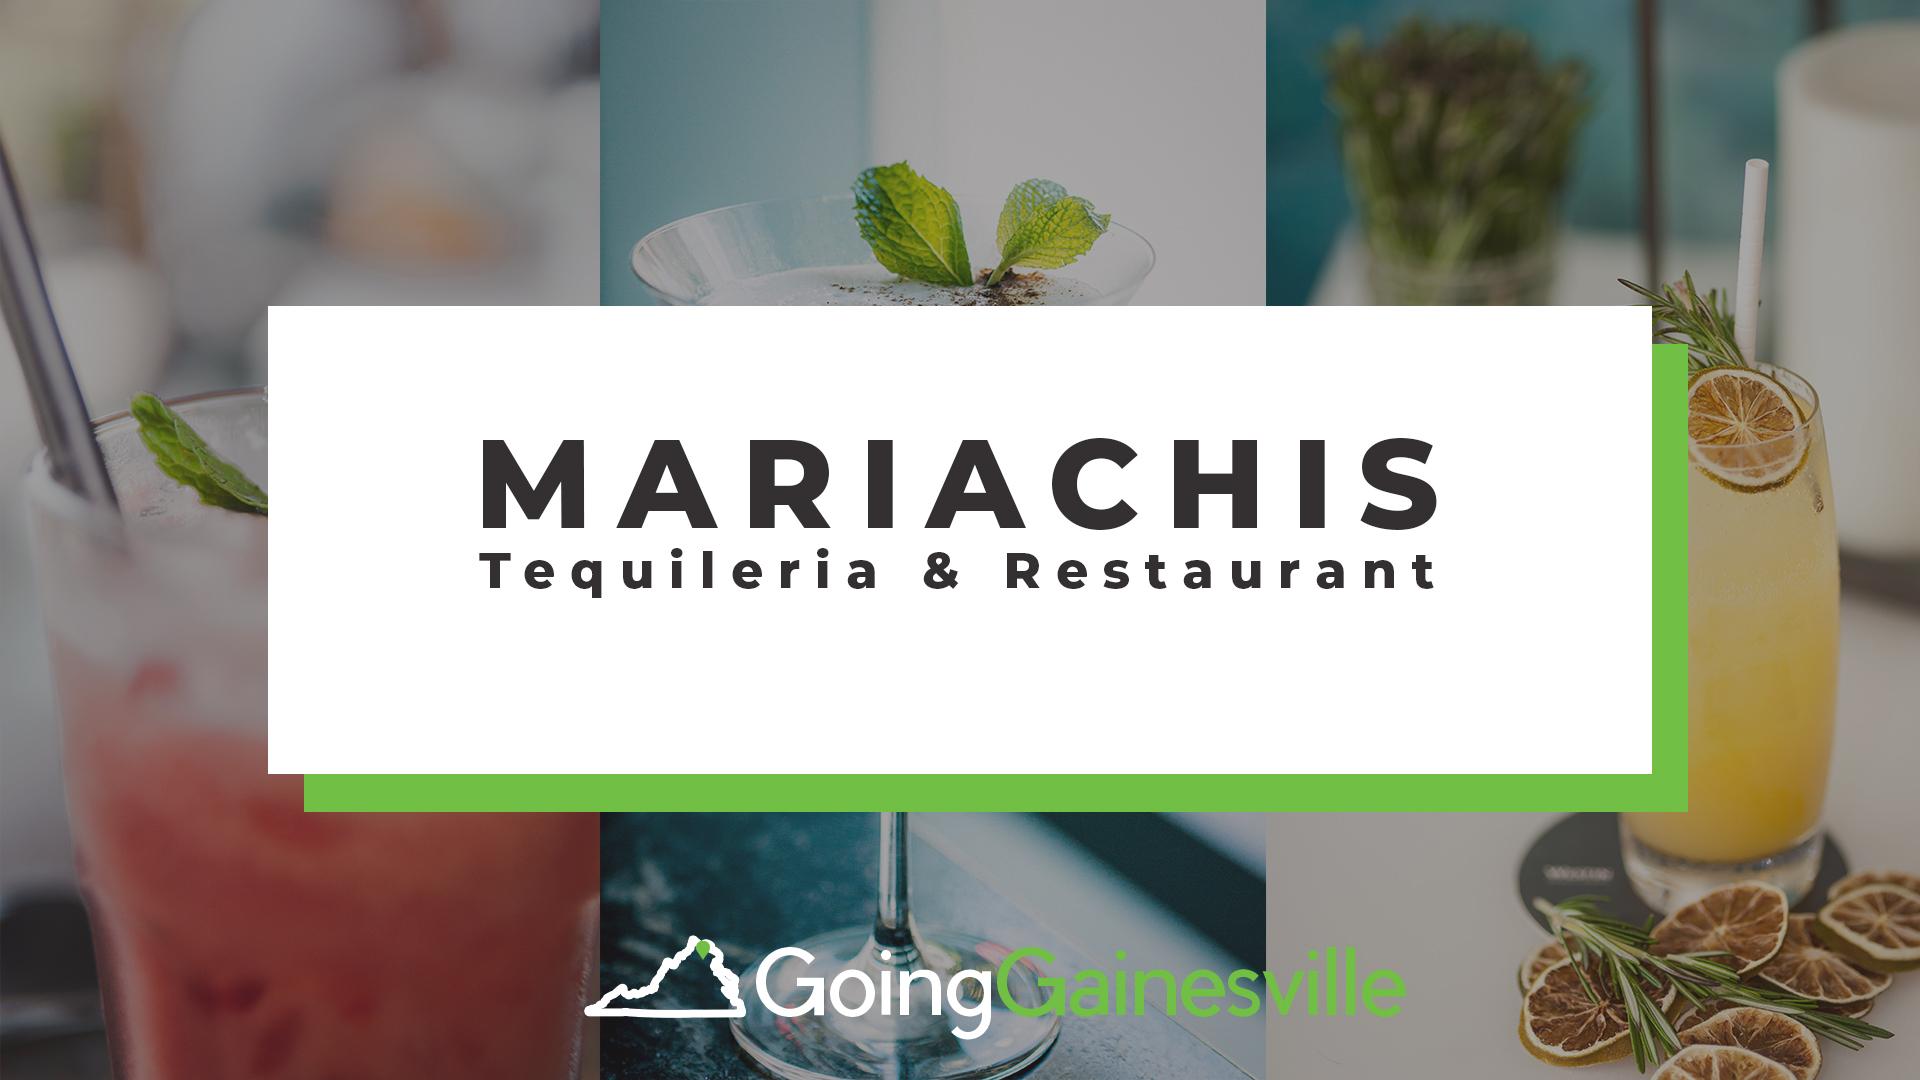 Mariachis Tequileria